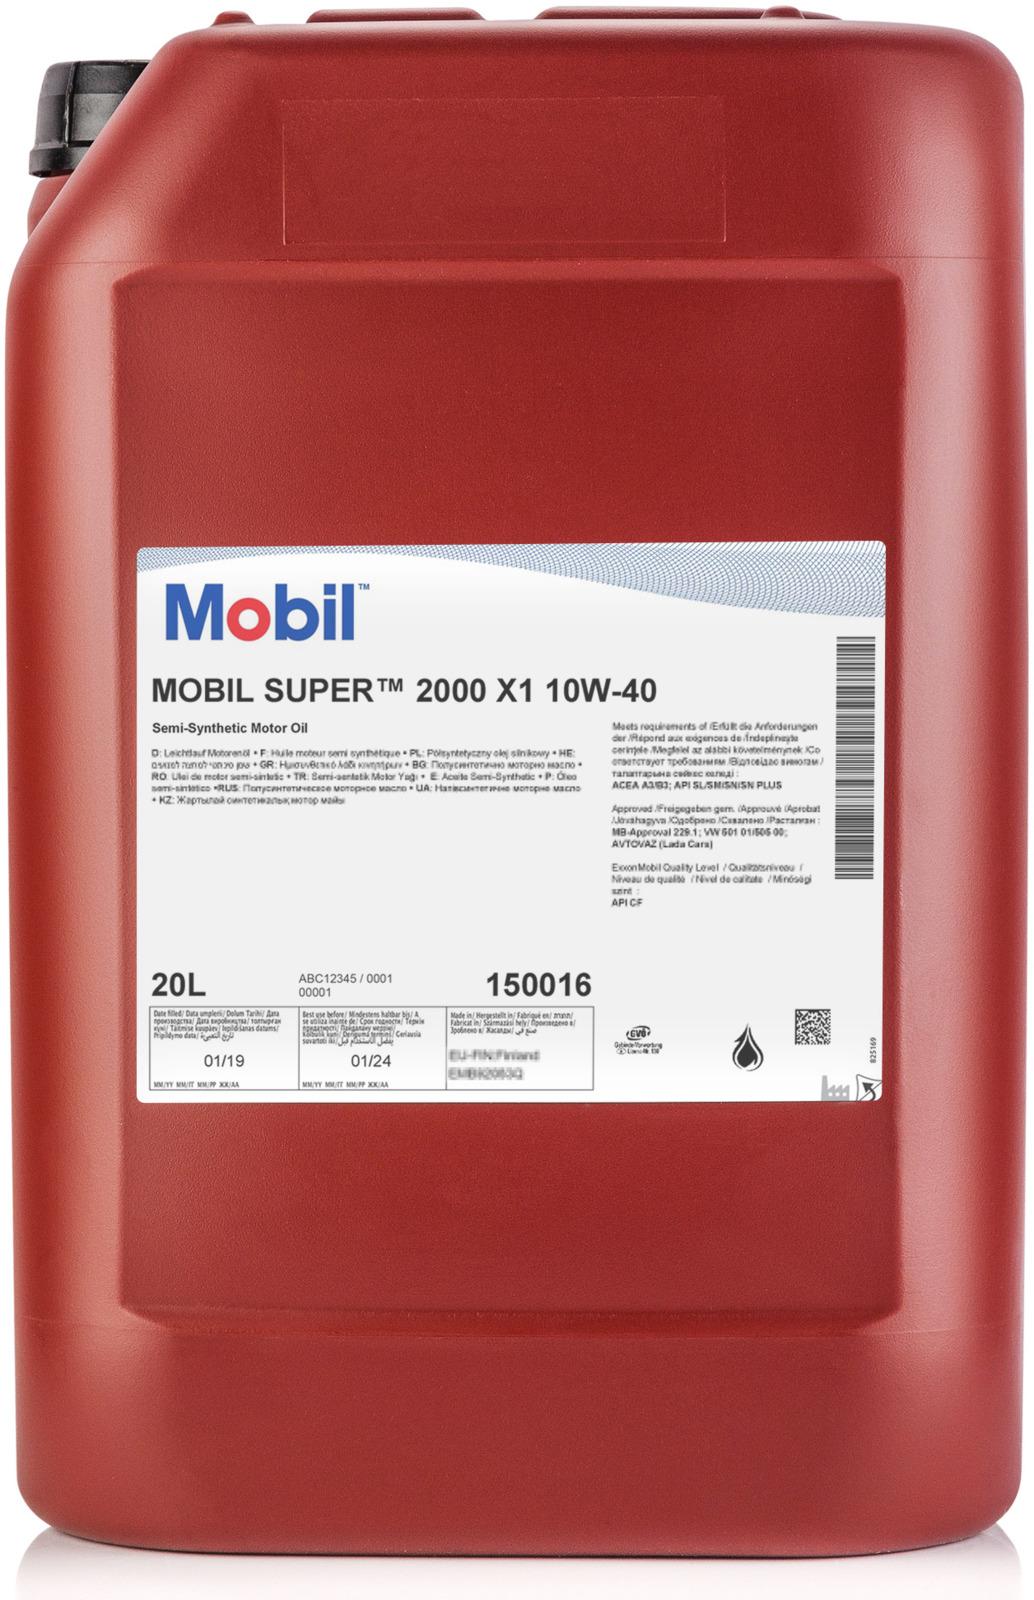 Моторное масло Mobil Super 2000 x1, 150016, полусинтетическое, 10W-40, 20 л масло моторное mobil super 2000x1 10w 40 1л